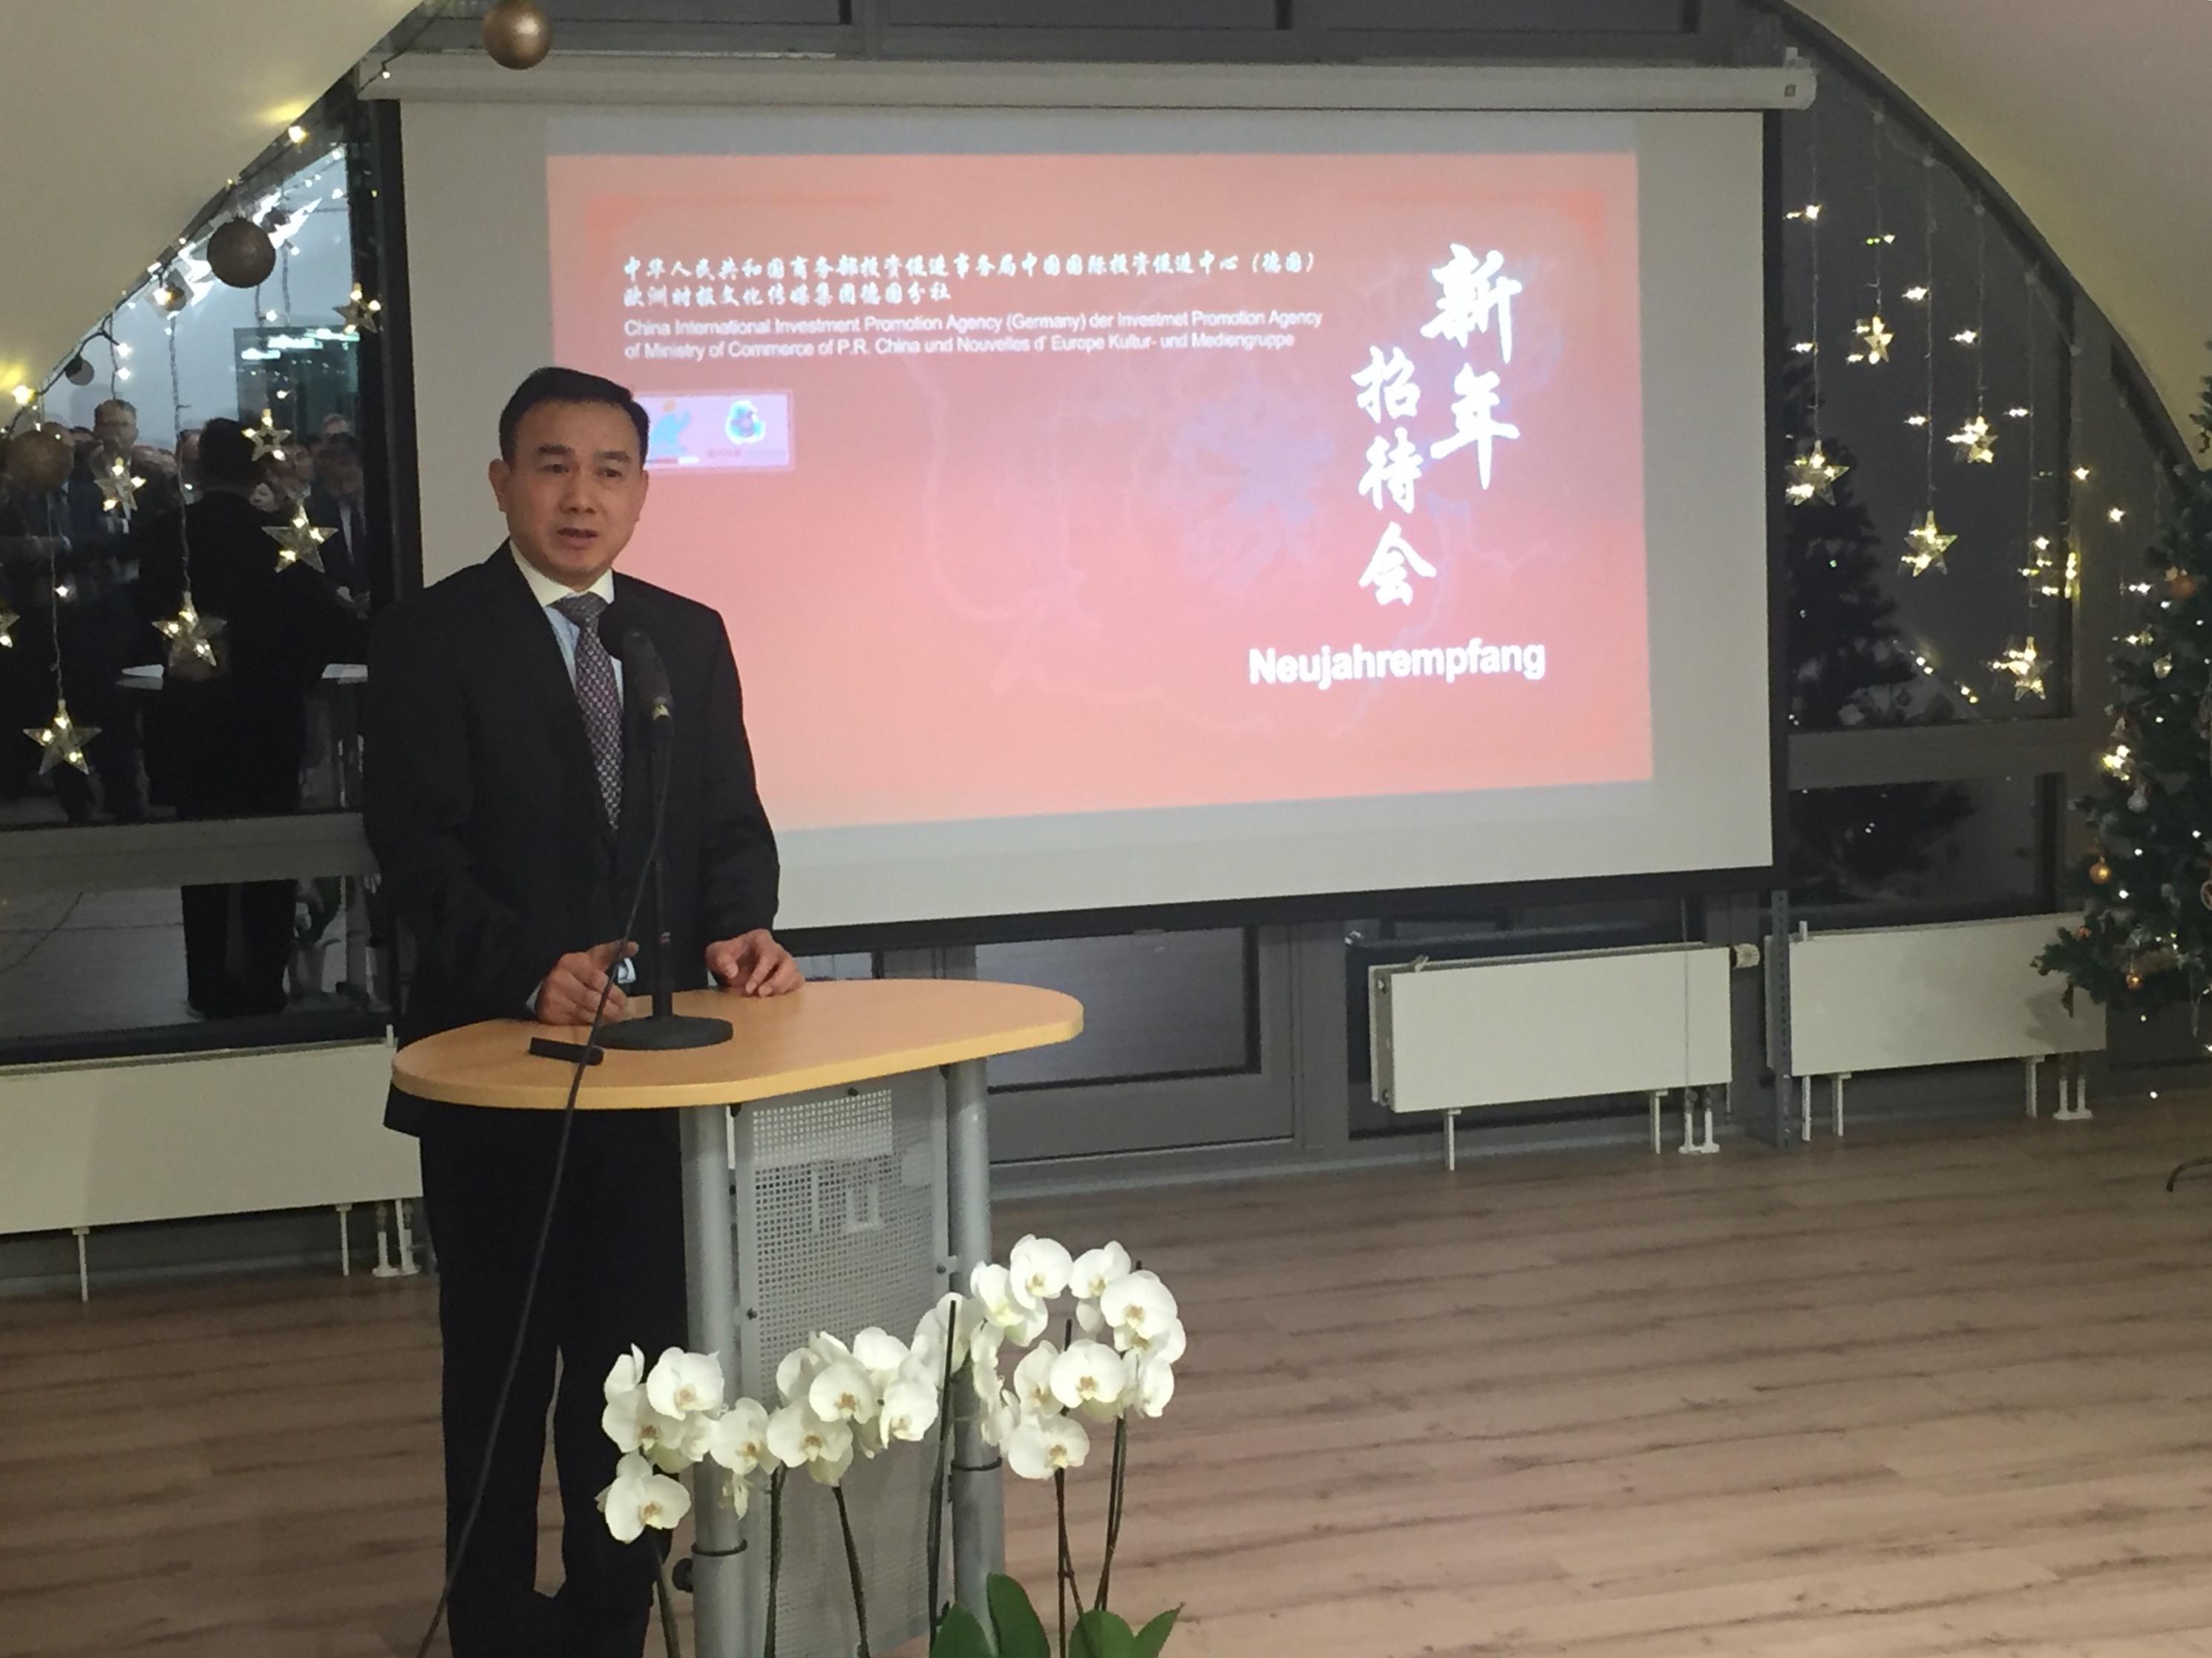 Botschaftsrat ZHU Weige spricht sich für gemeinsames Eintreten für Multilateralismus aus